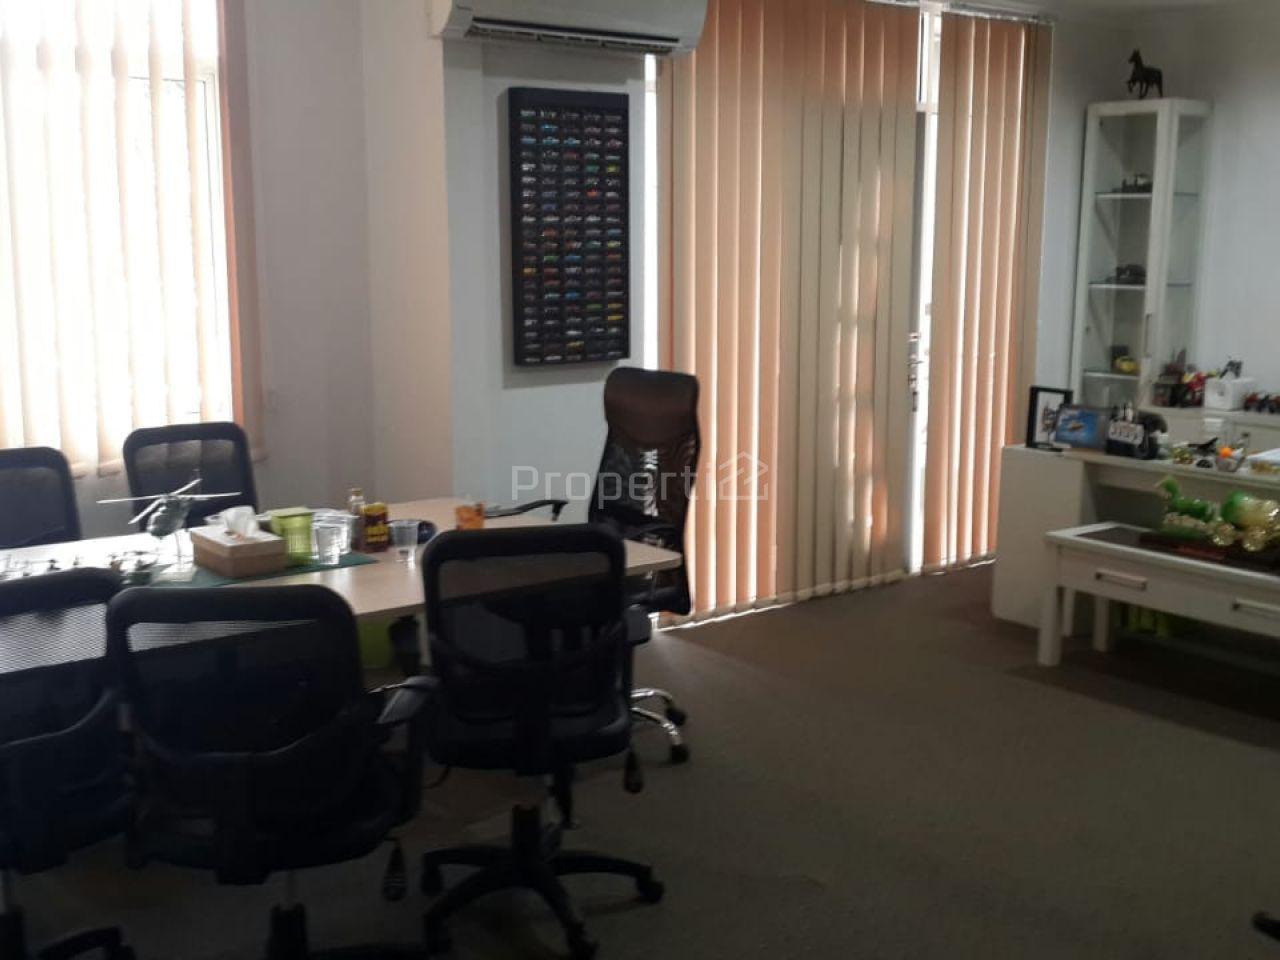 Rumah Untuk Kantor Dekat Bandara Halim Perdanakusuma, DKI Jakarta